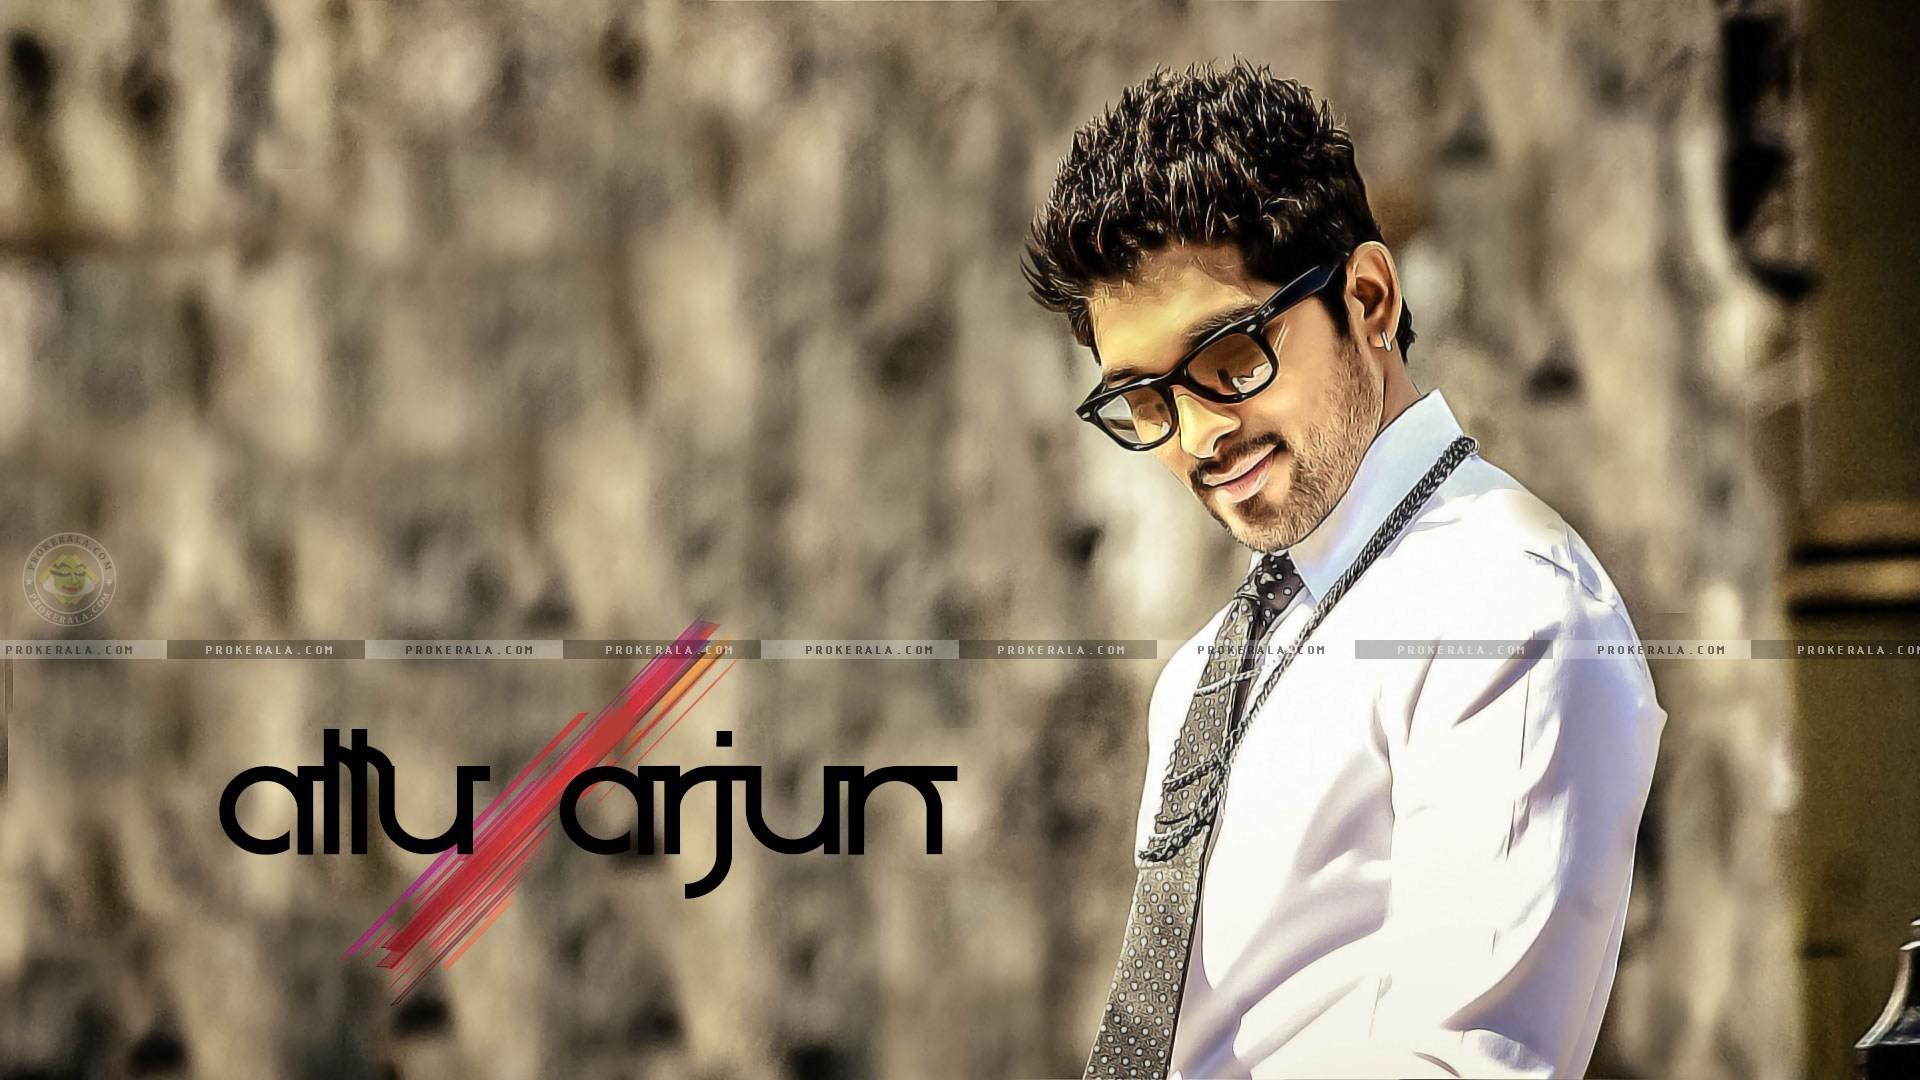 Allu Arjun Wallpapers ·① WallpaperTag